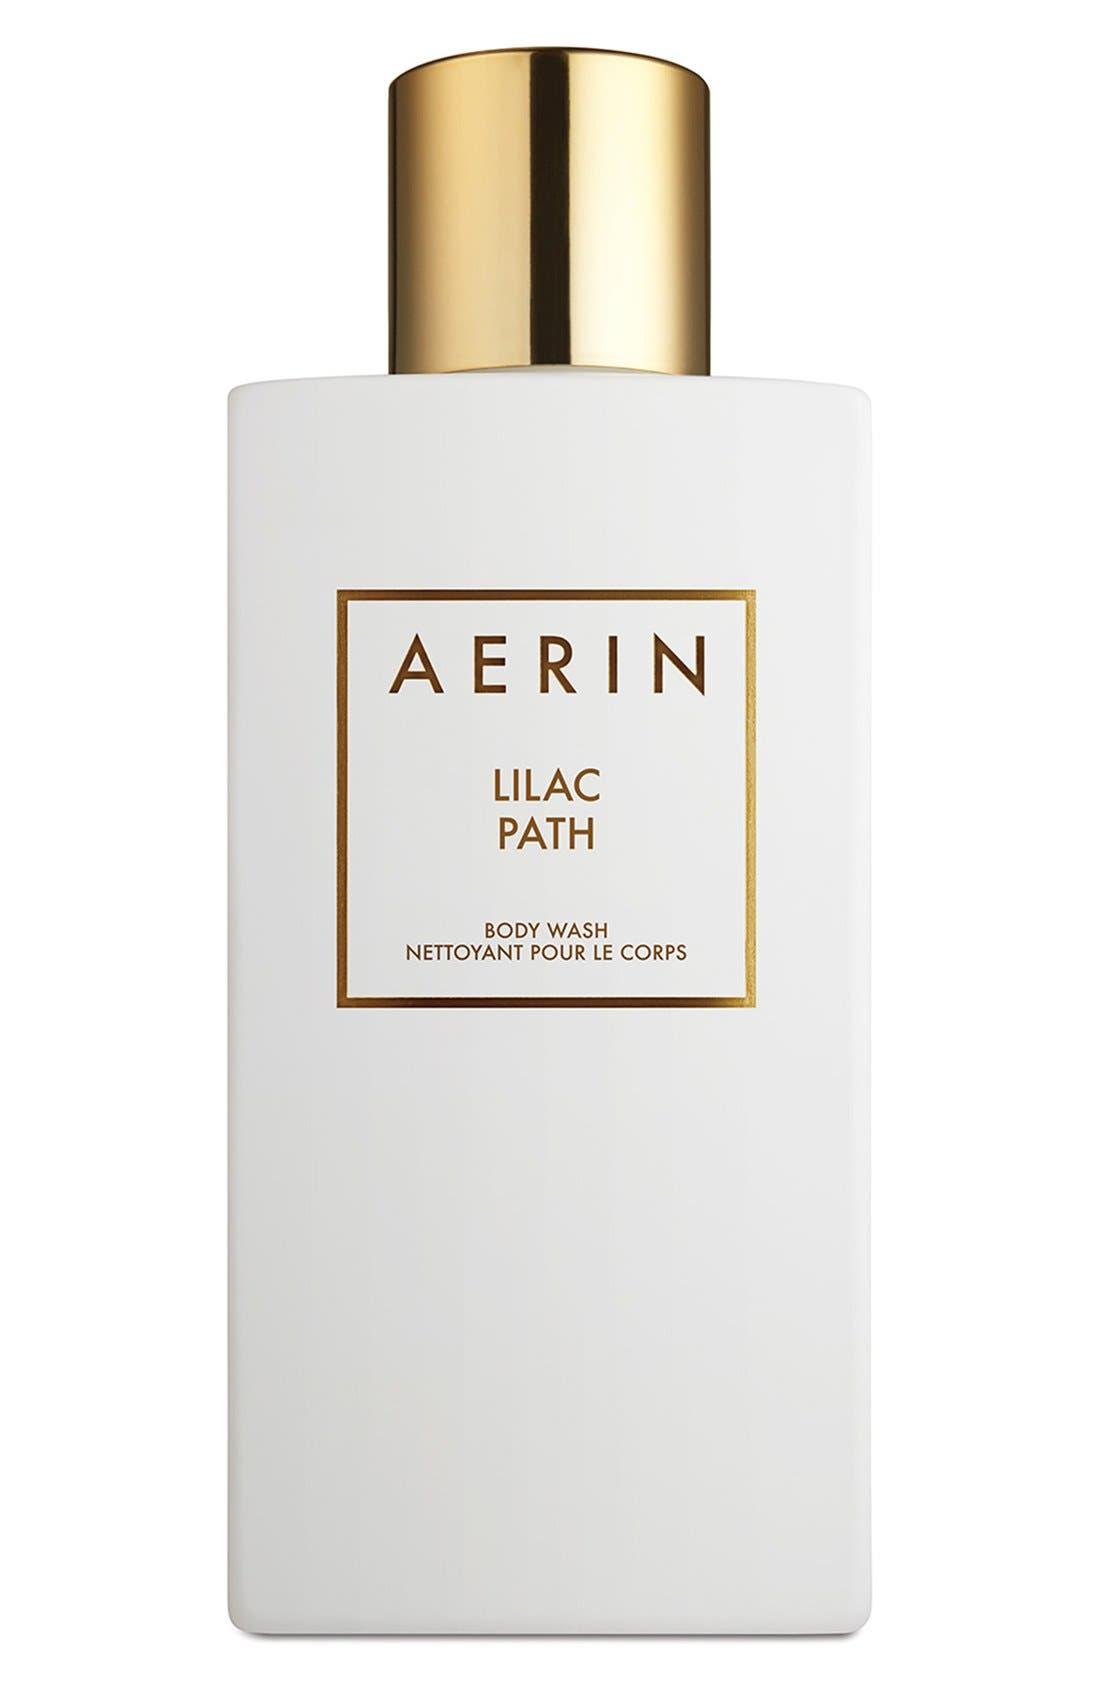 AERIN Beauty Lilac Path Body Wash